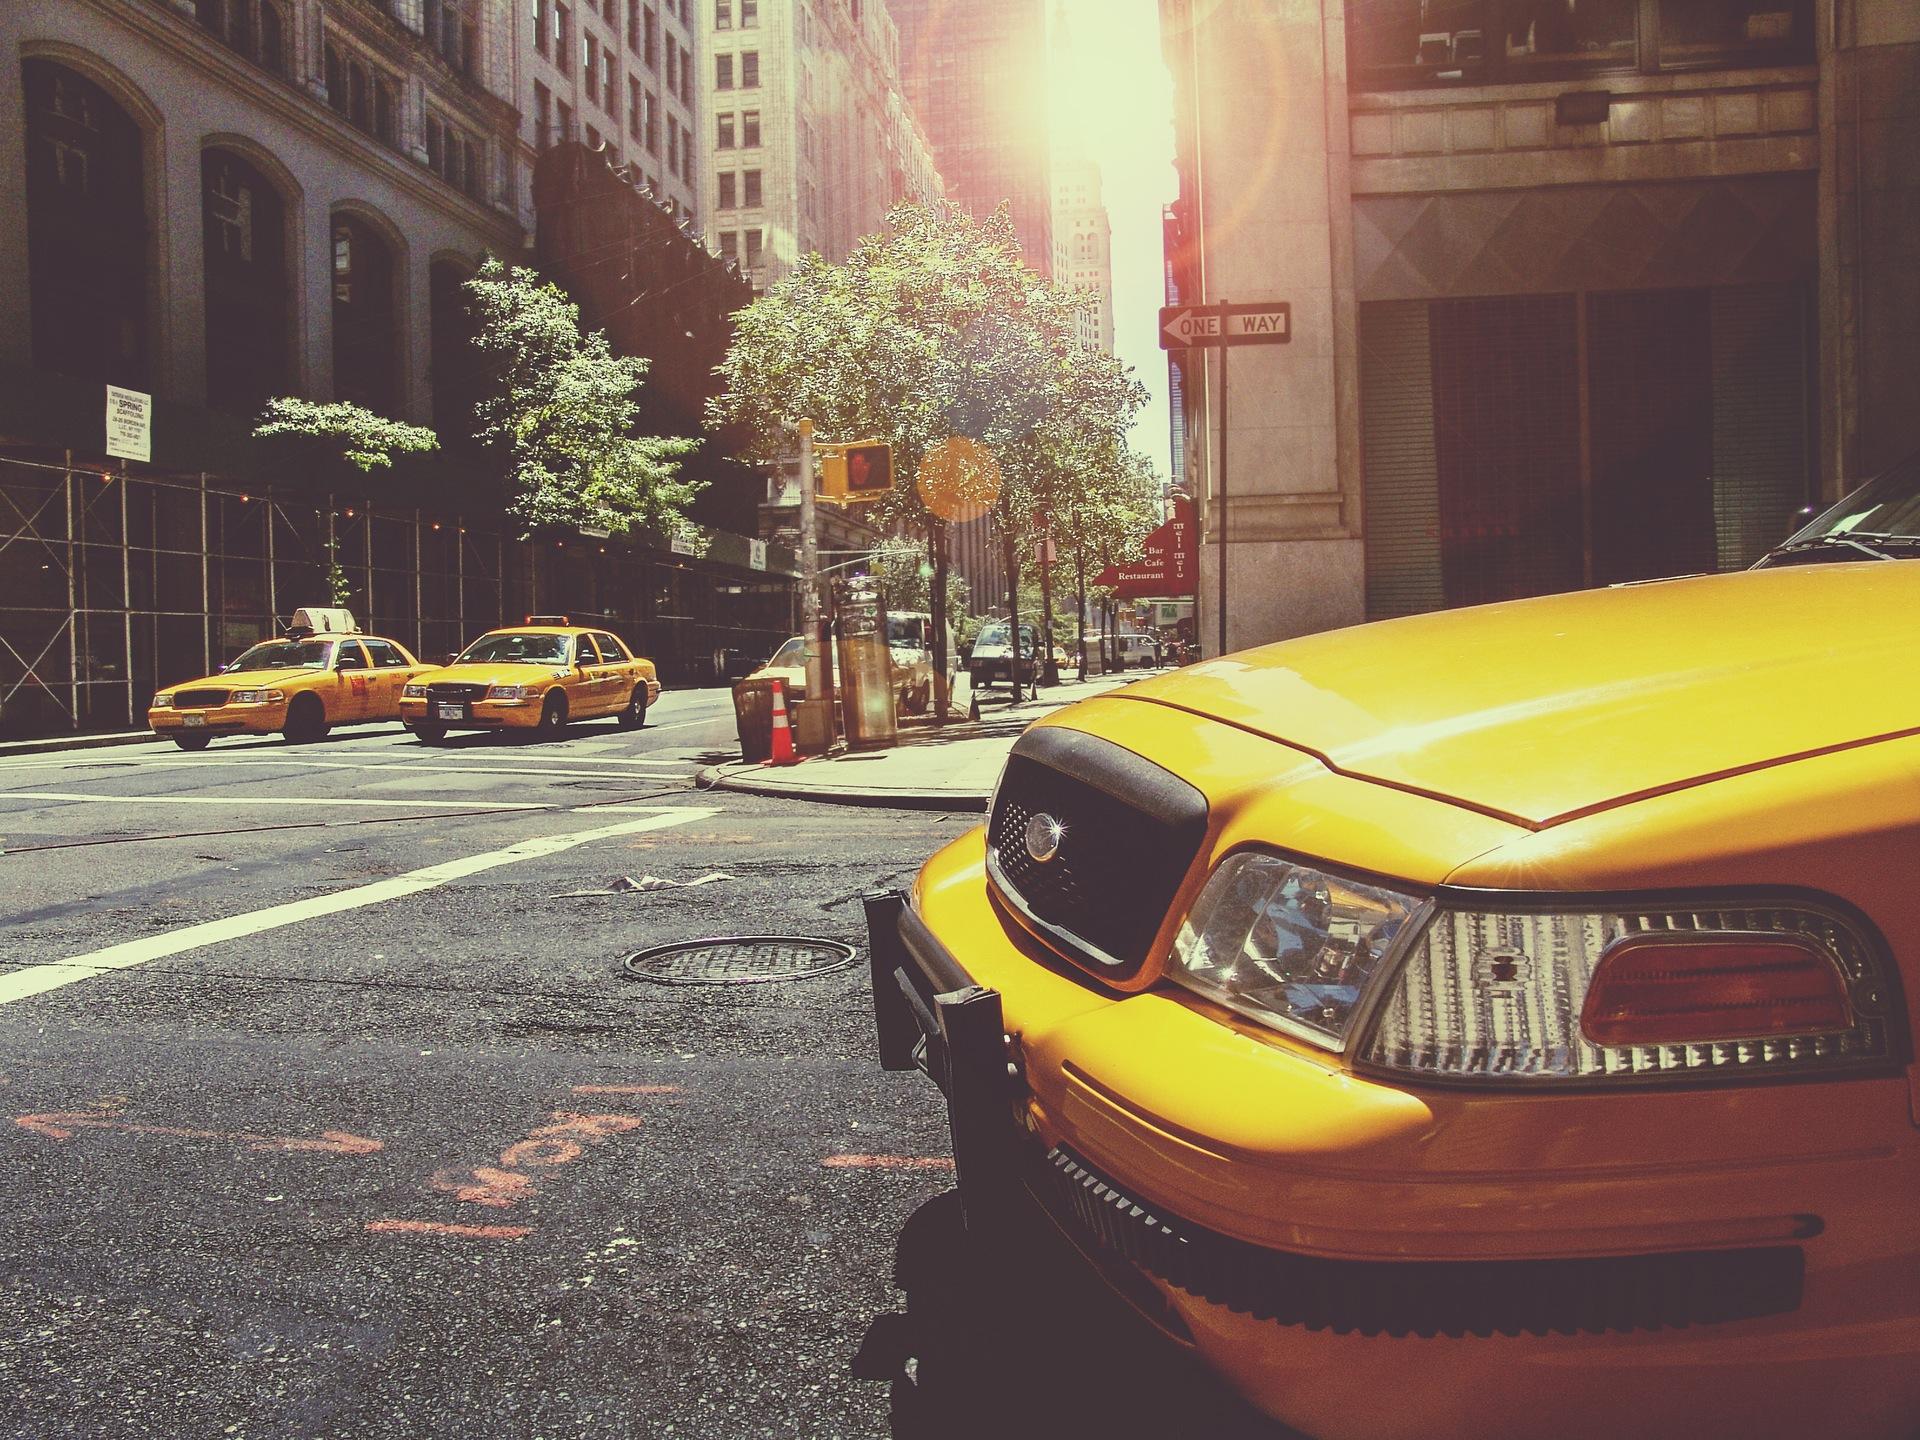 taxi, nueva york, coche, calle, ciudad, amarillo - Fondos de Pantalla HD - professor-falken.com